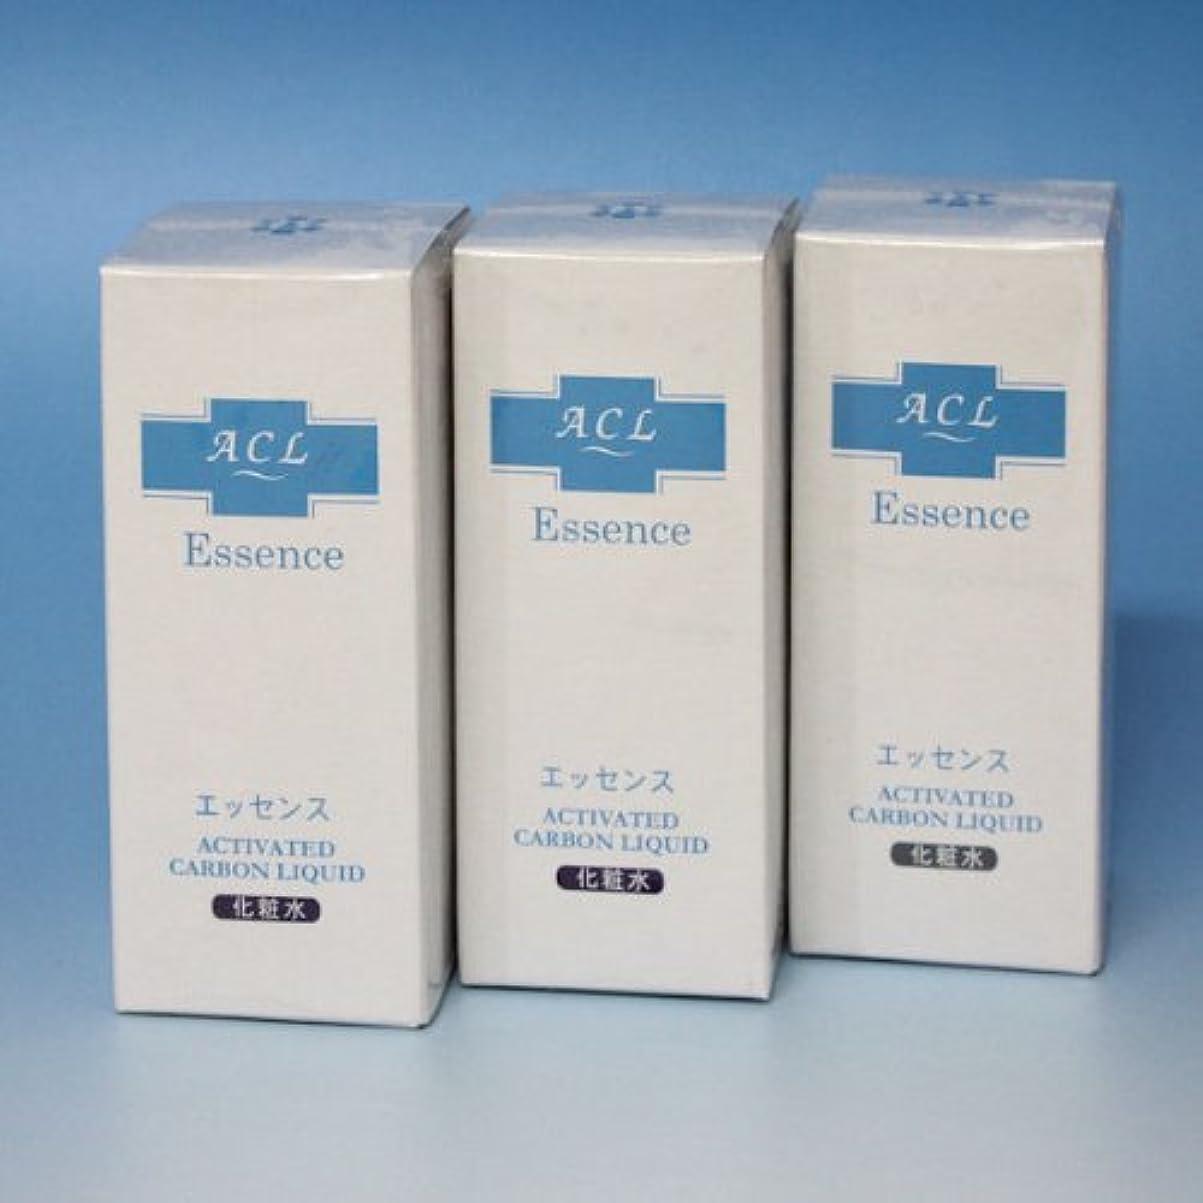 キャロライン区別砂利ACL(アクル) エッセンス 50ml3箱セット *50ml進呈( 5mlサンプル×10本) 進呈